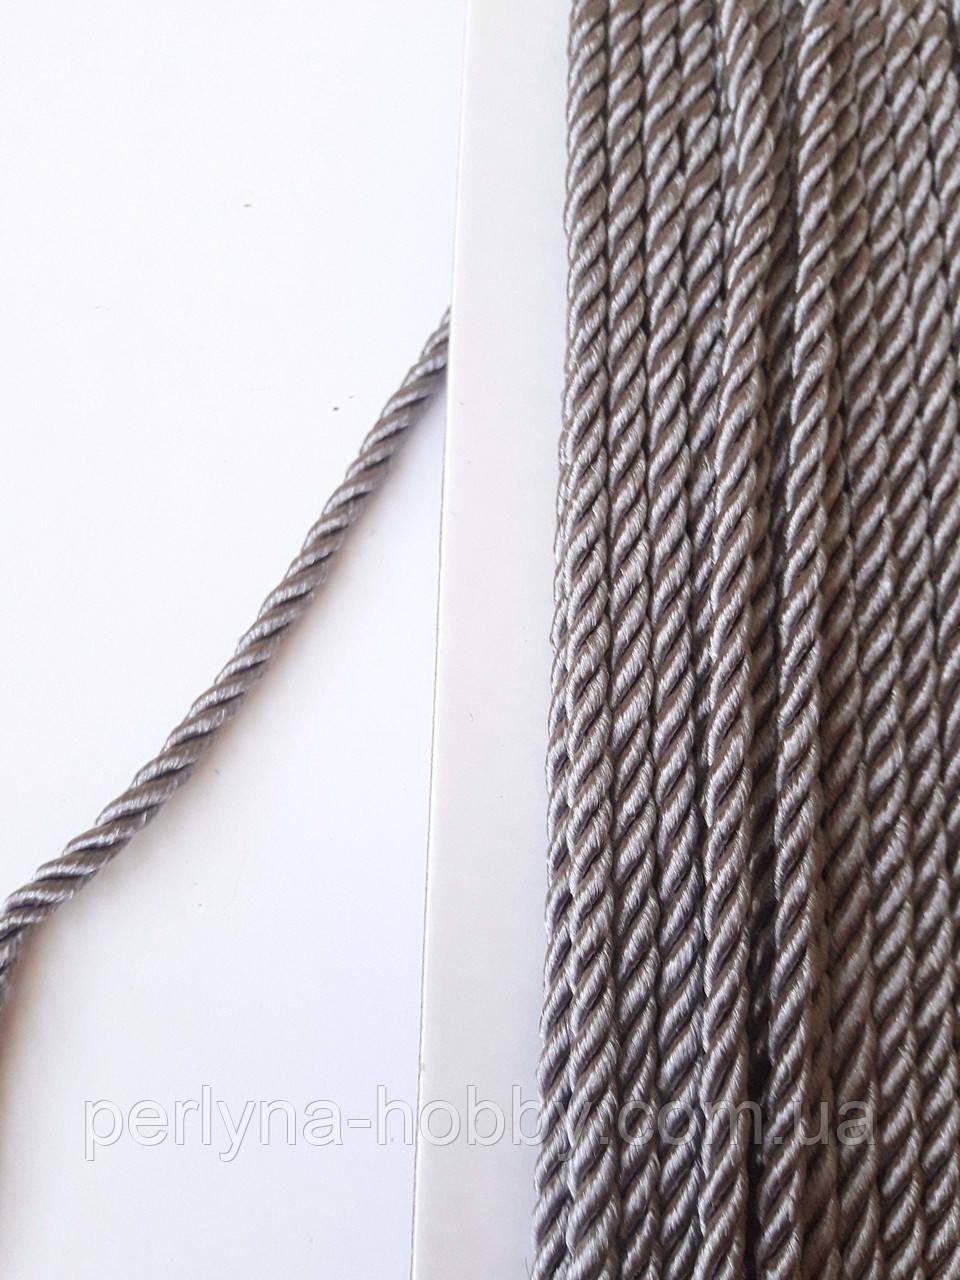 Шнур текстильный декоративный,  шелковистый.  Сірий. Діаметр 3,5 мм.  Моток 9.5-10 метрів. Туреччина